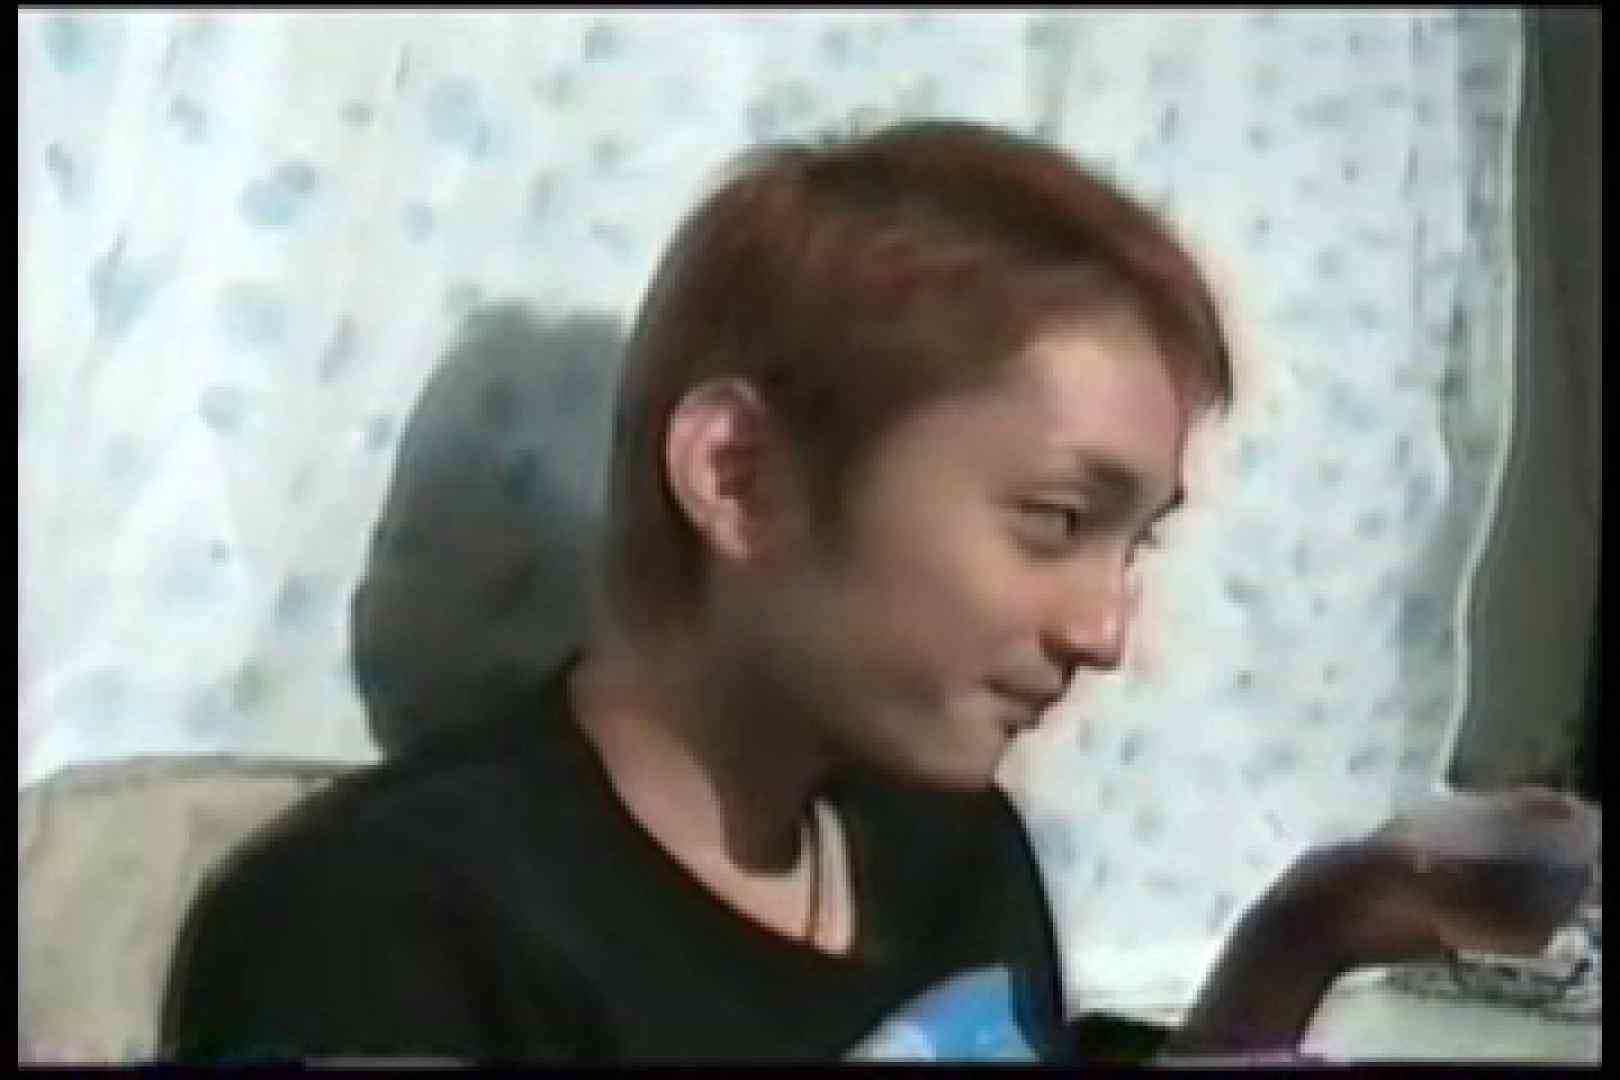 【流出】アイドルを目指したジャニ系イケメンの過去 射精 ゲイエロビデオ画像 61枚 32